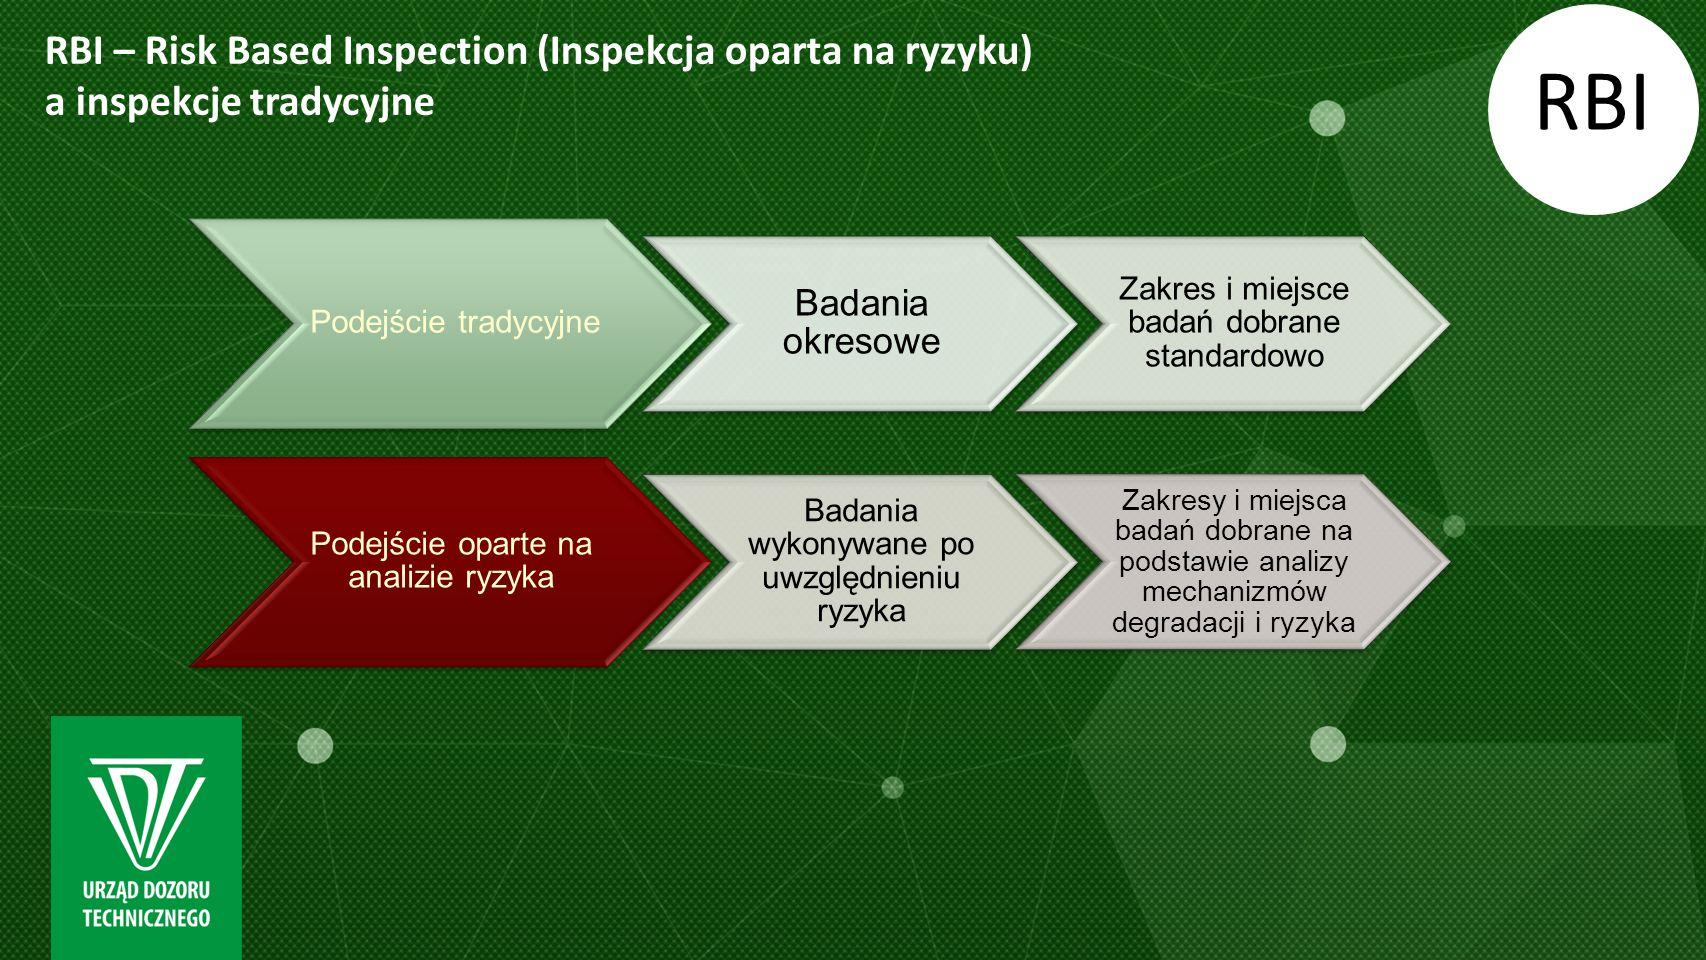 RBI – Risk Based Inspection (Inspekcja oparta na ryzyku) a inspekcje tradycyjne RBI